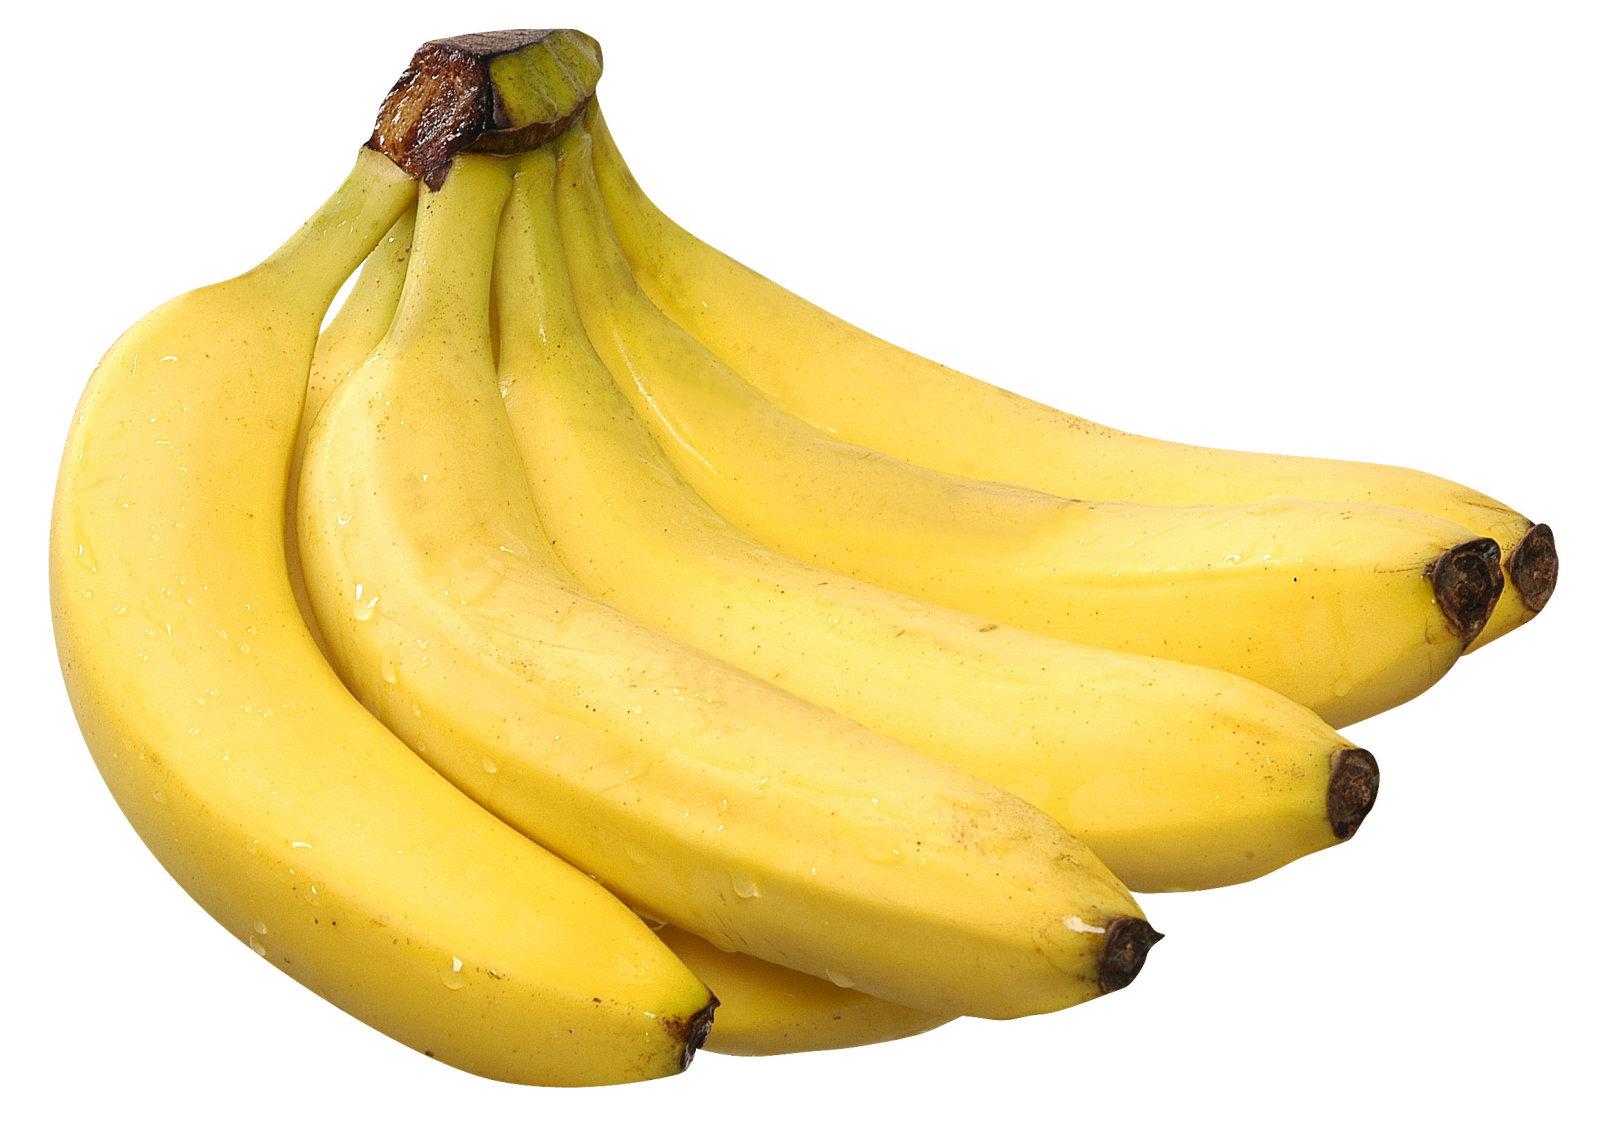 Kuidas suurendada liikme banaani Mis on liikme tavaline suurus kell 14